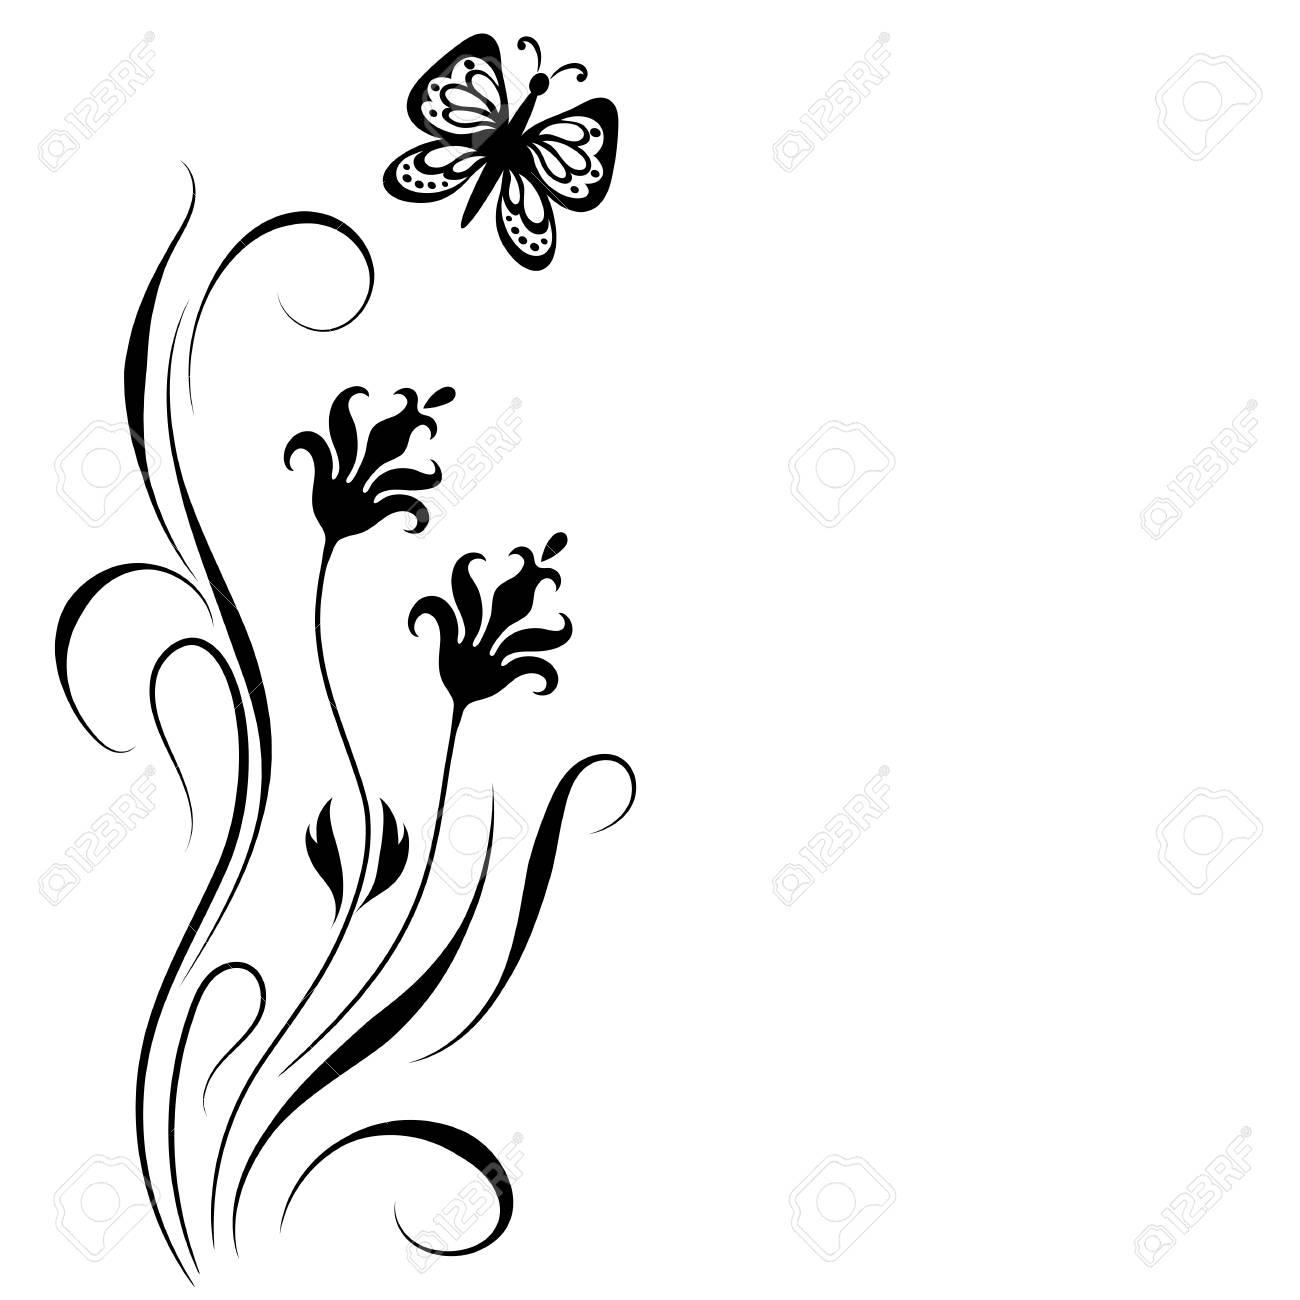 dekorative floralen ecke ornament mit blumen und schmetterling für